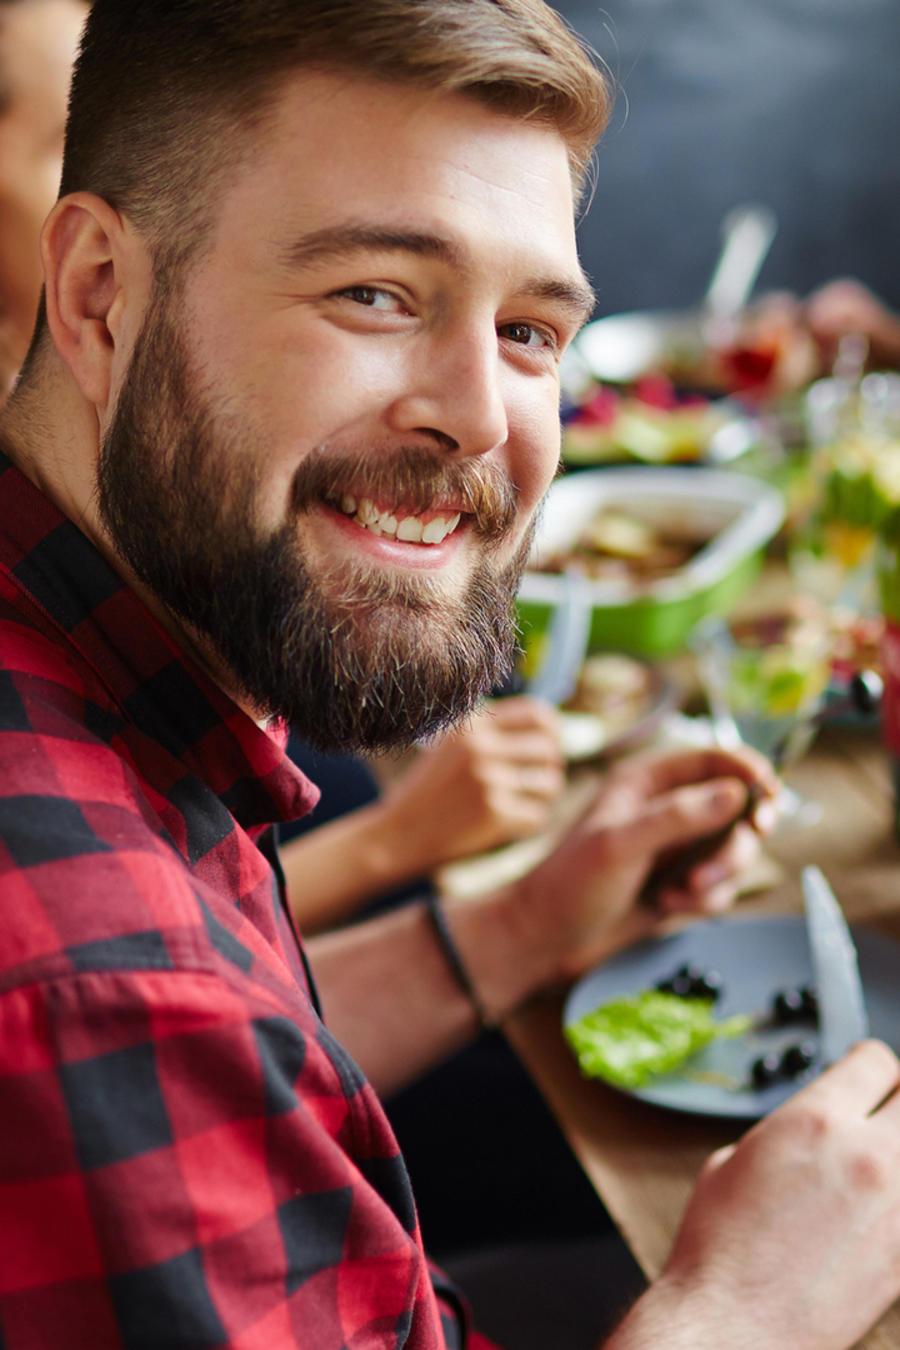 Hombre joven comiendo con amigos